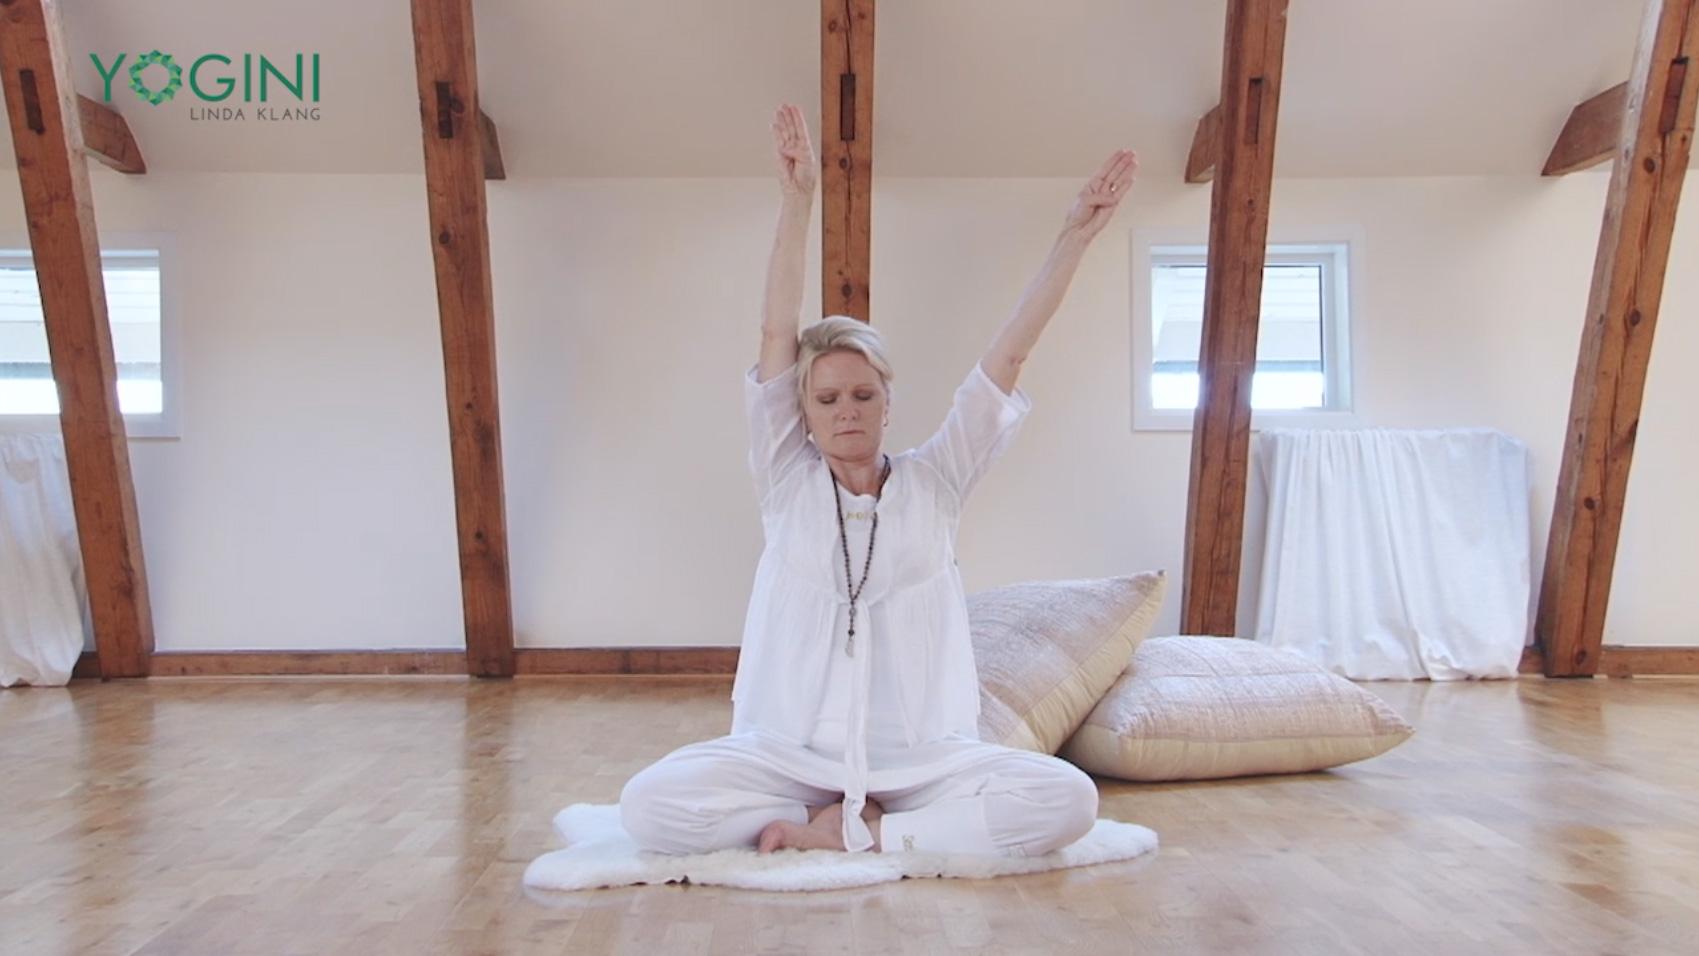 yogini linda klang